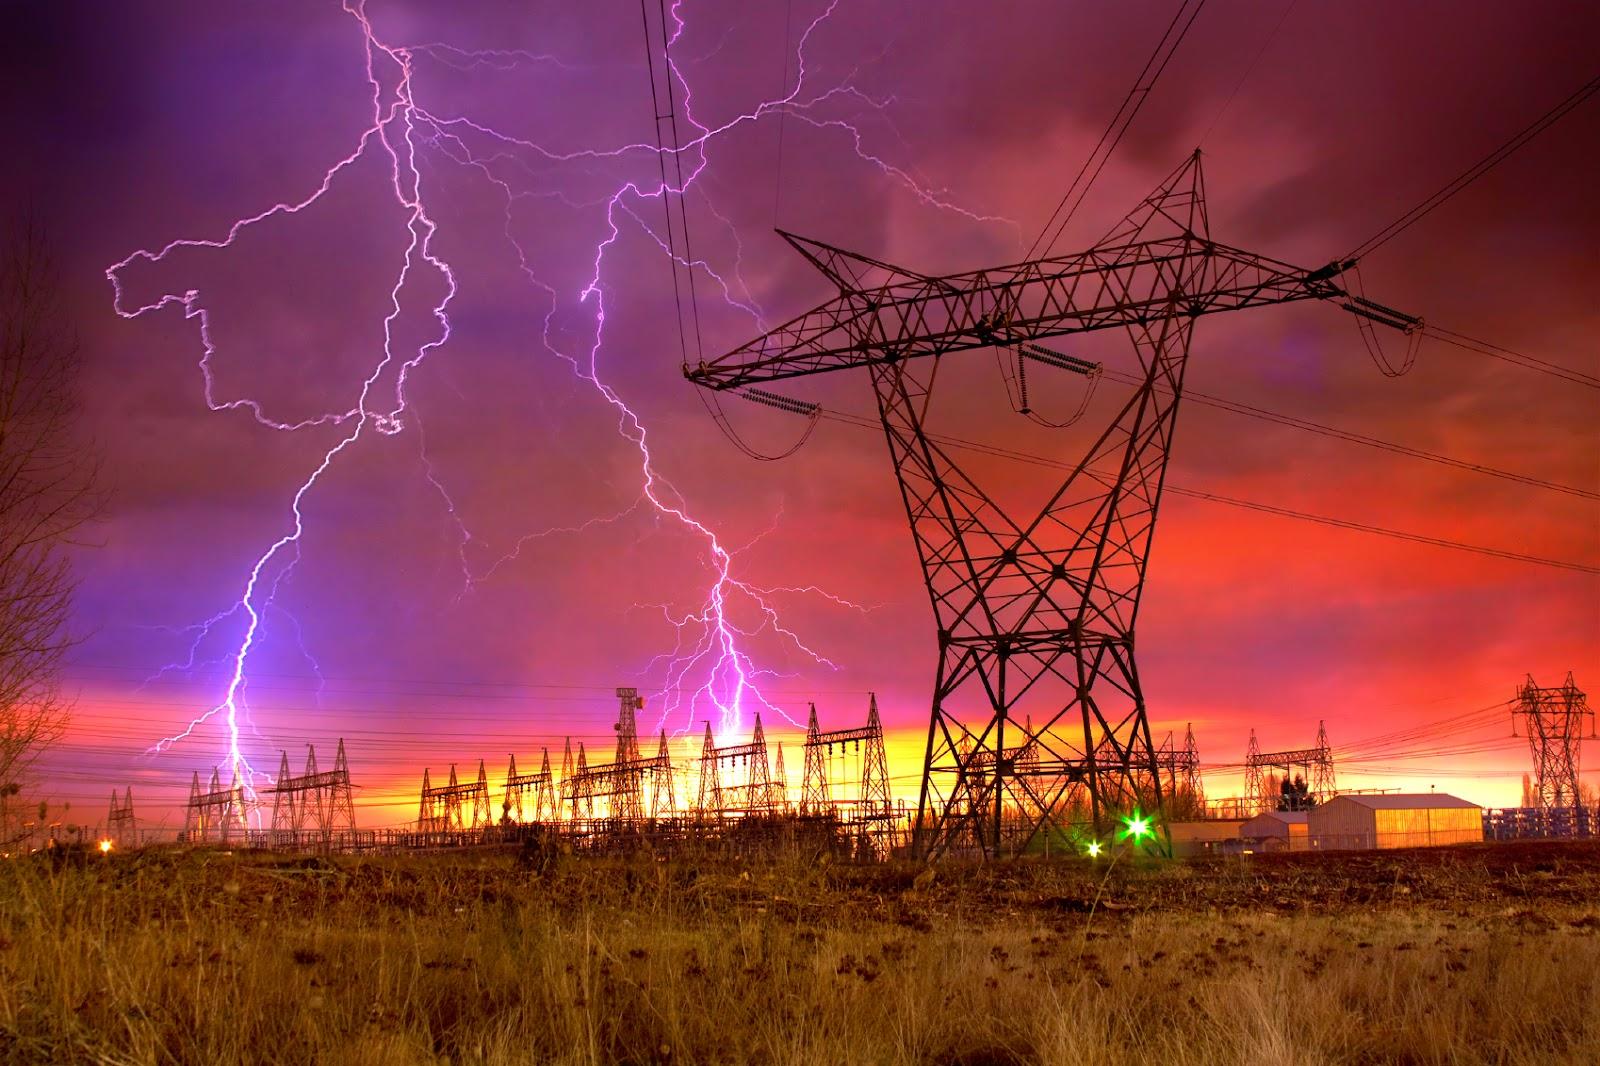 Amazing lightning show